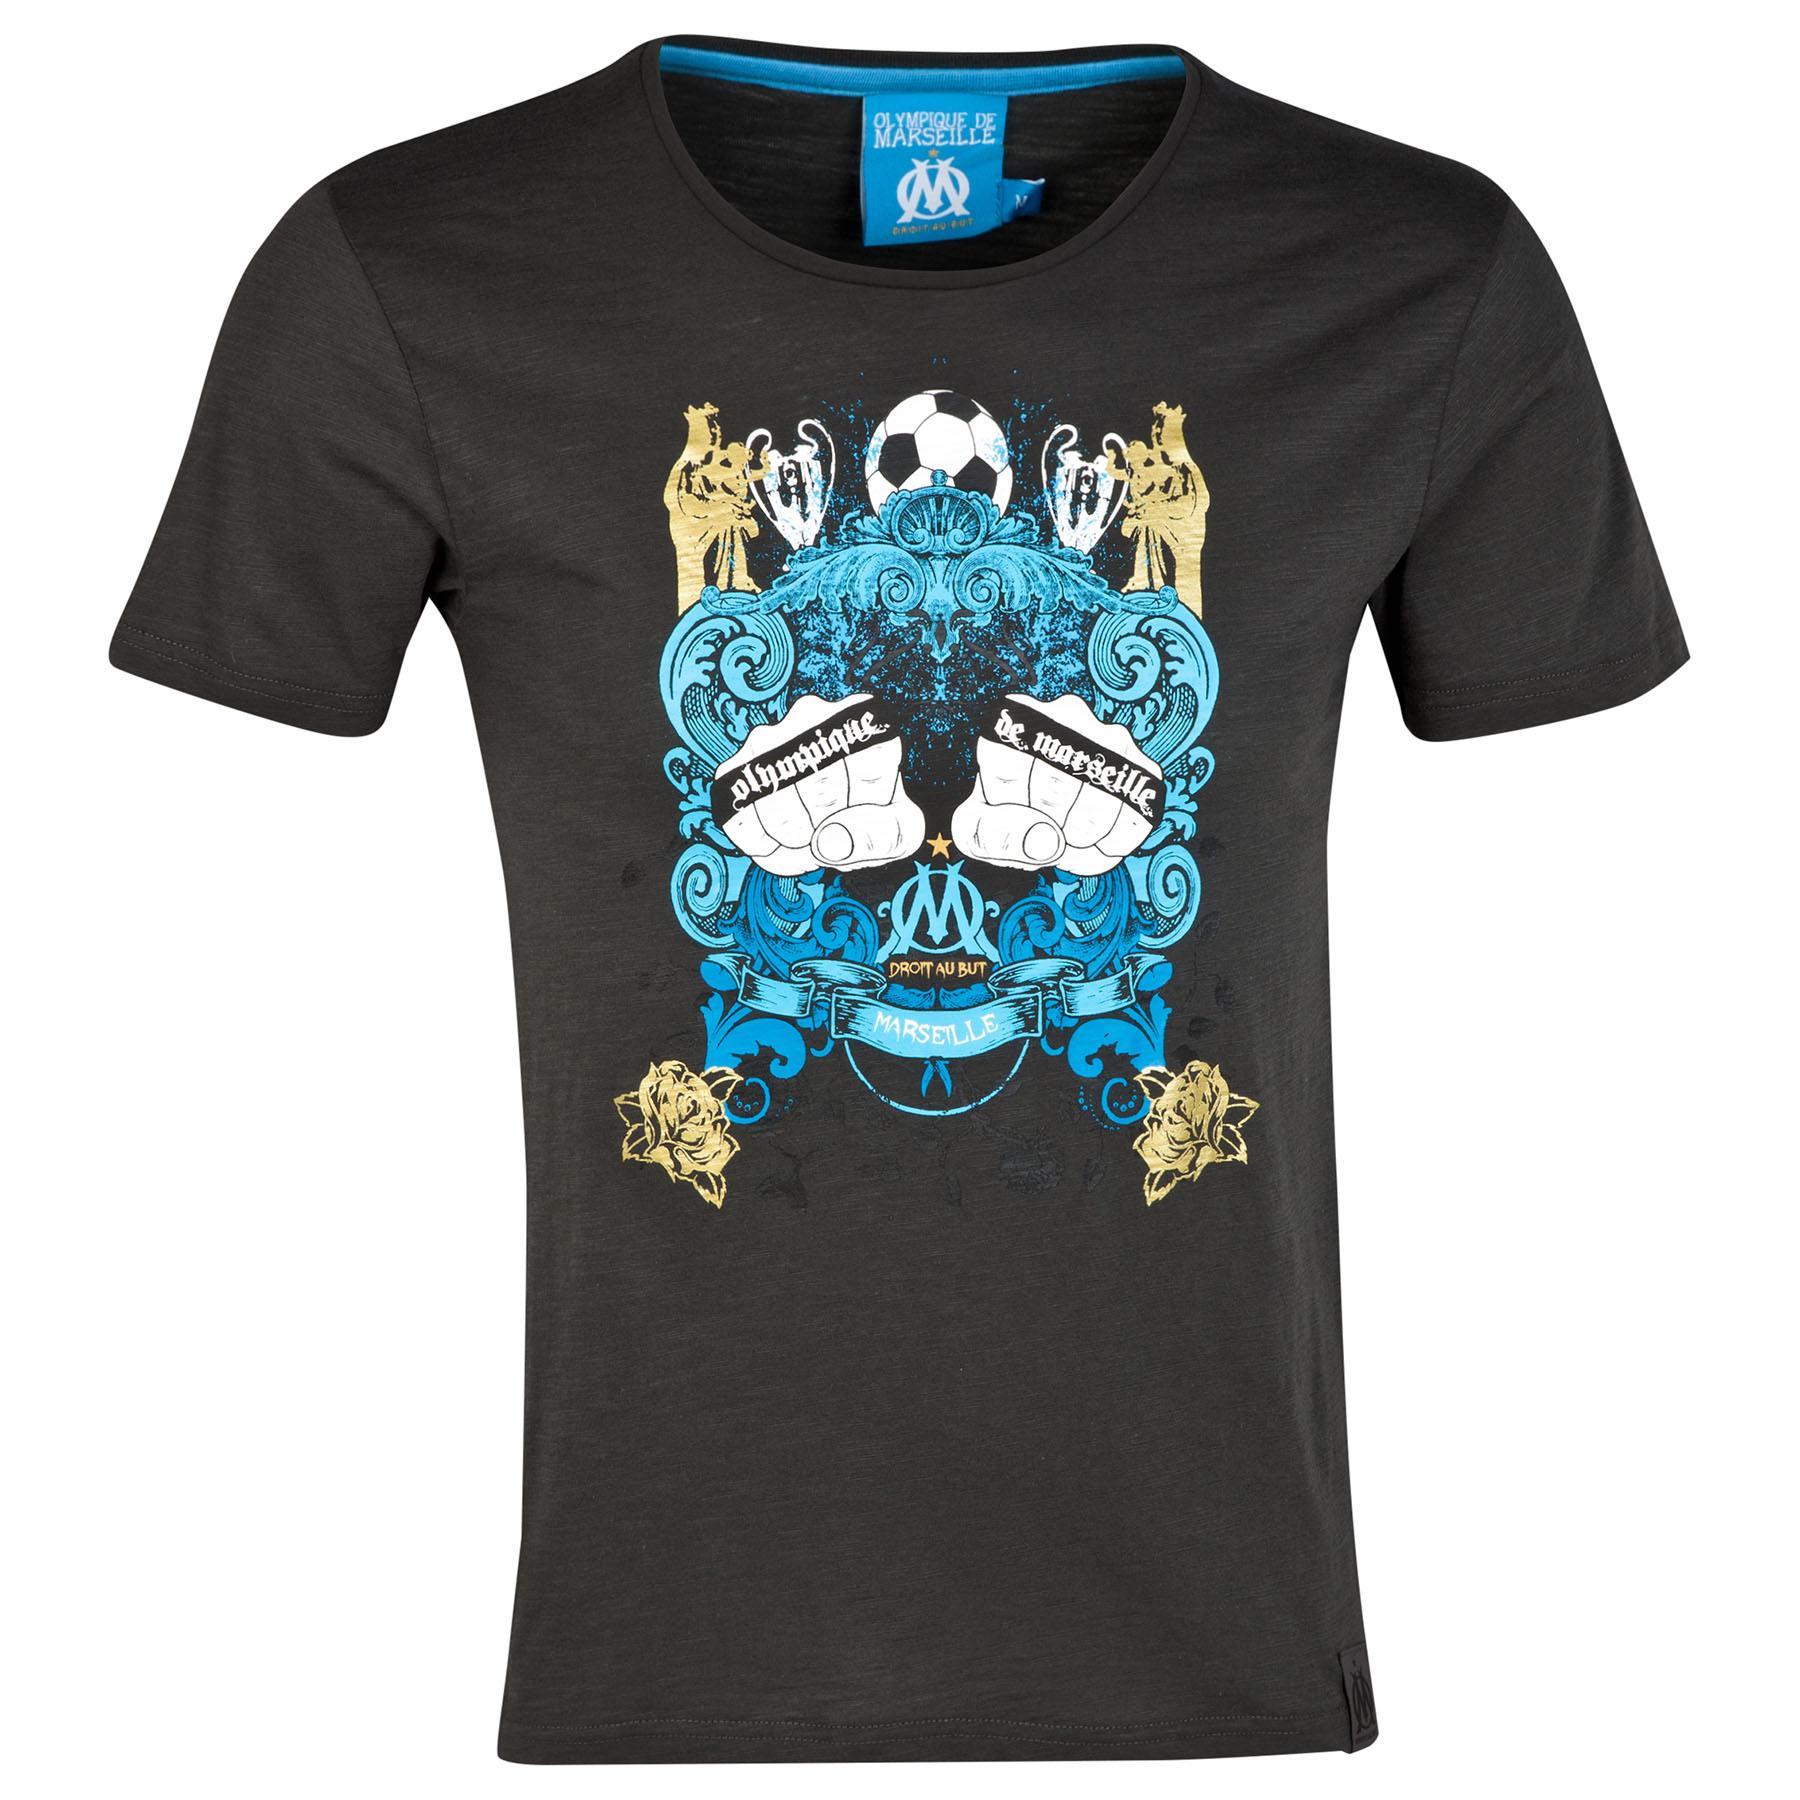 Olympique de Marseille Knuckle Graphic T-Shirt - Black - Mens